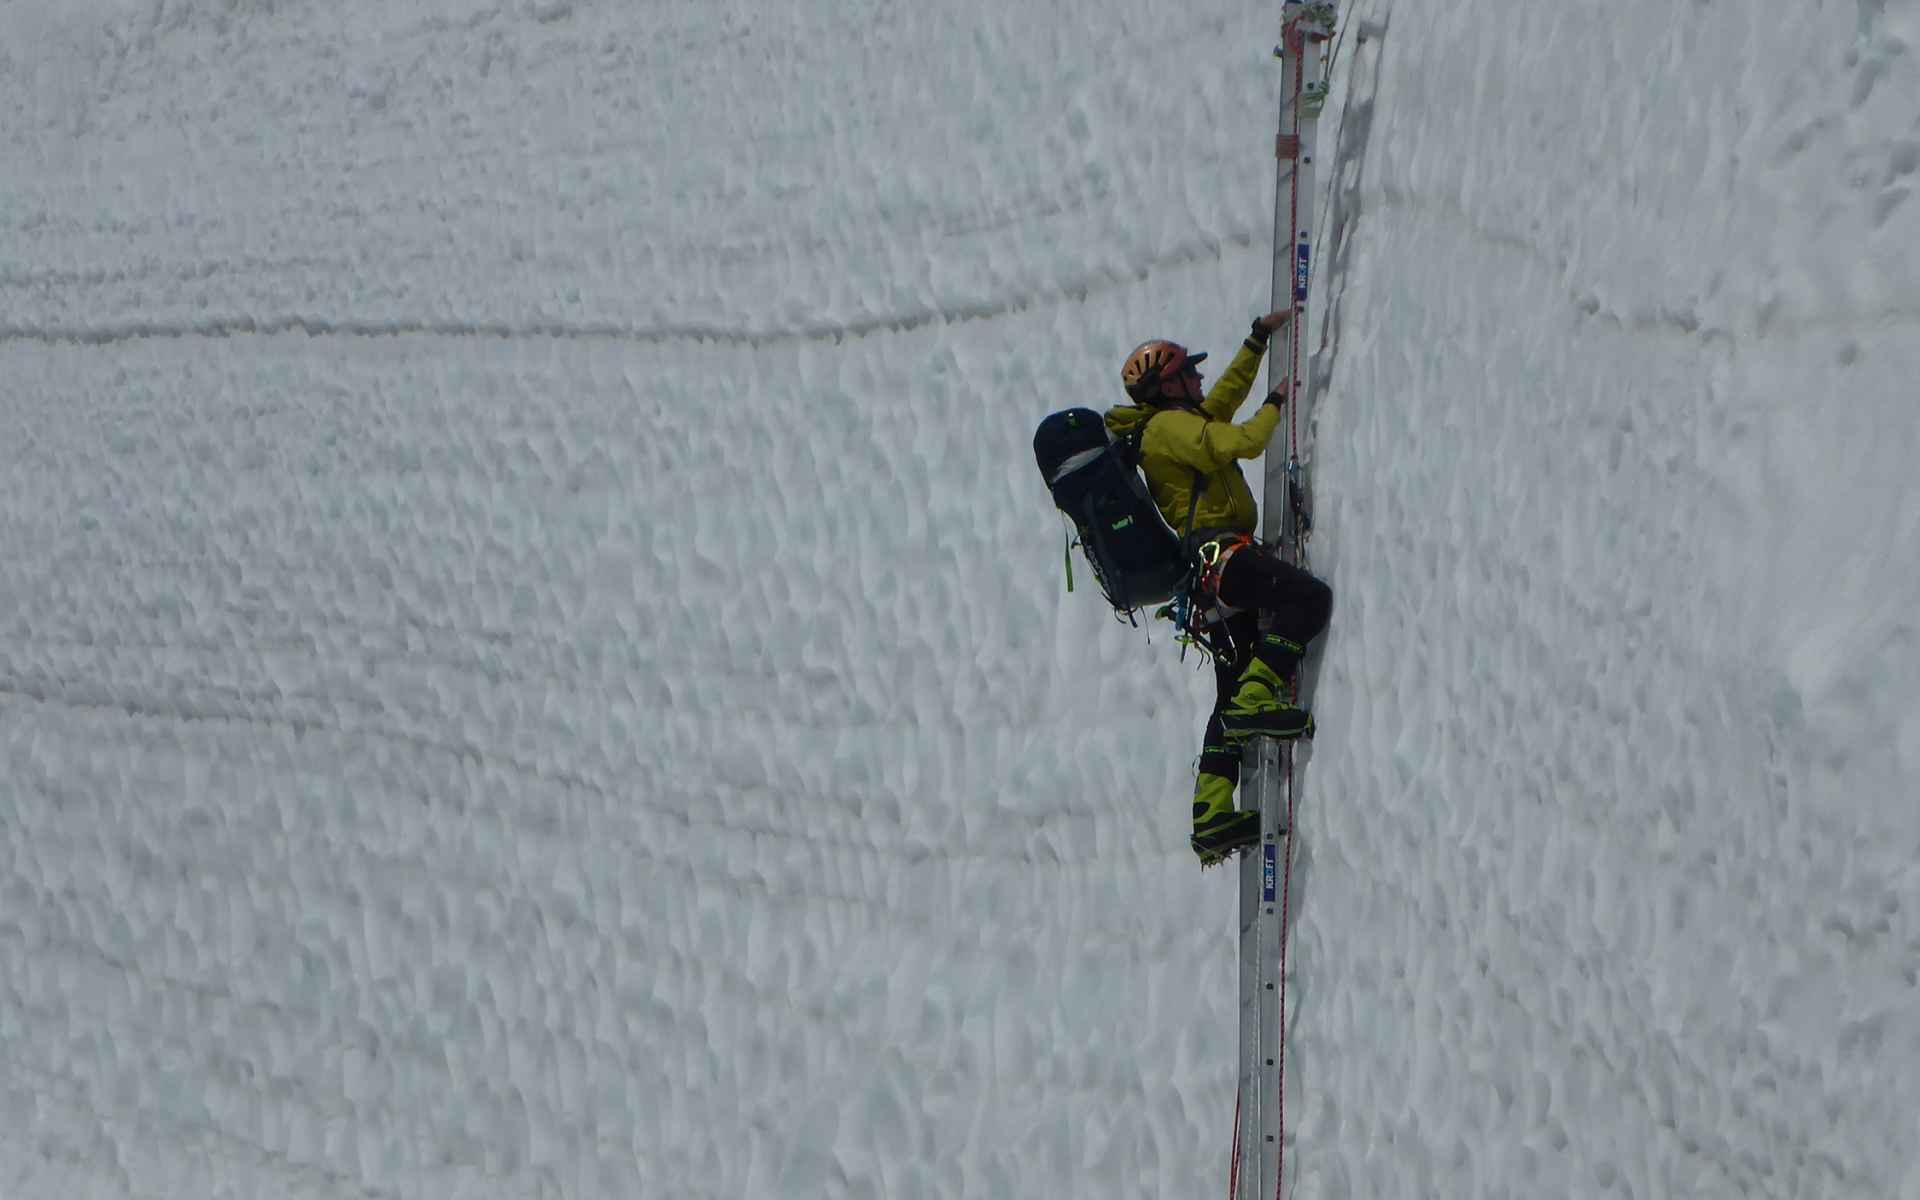 De afdaling is net zo moeilijk als de beklimming.